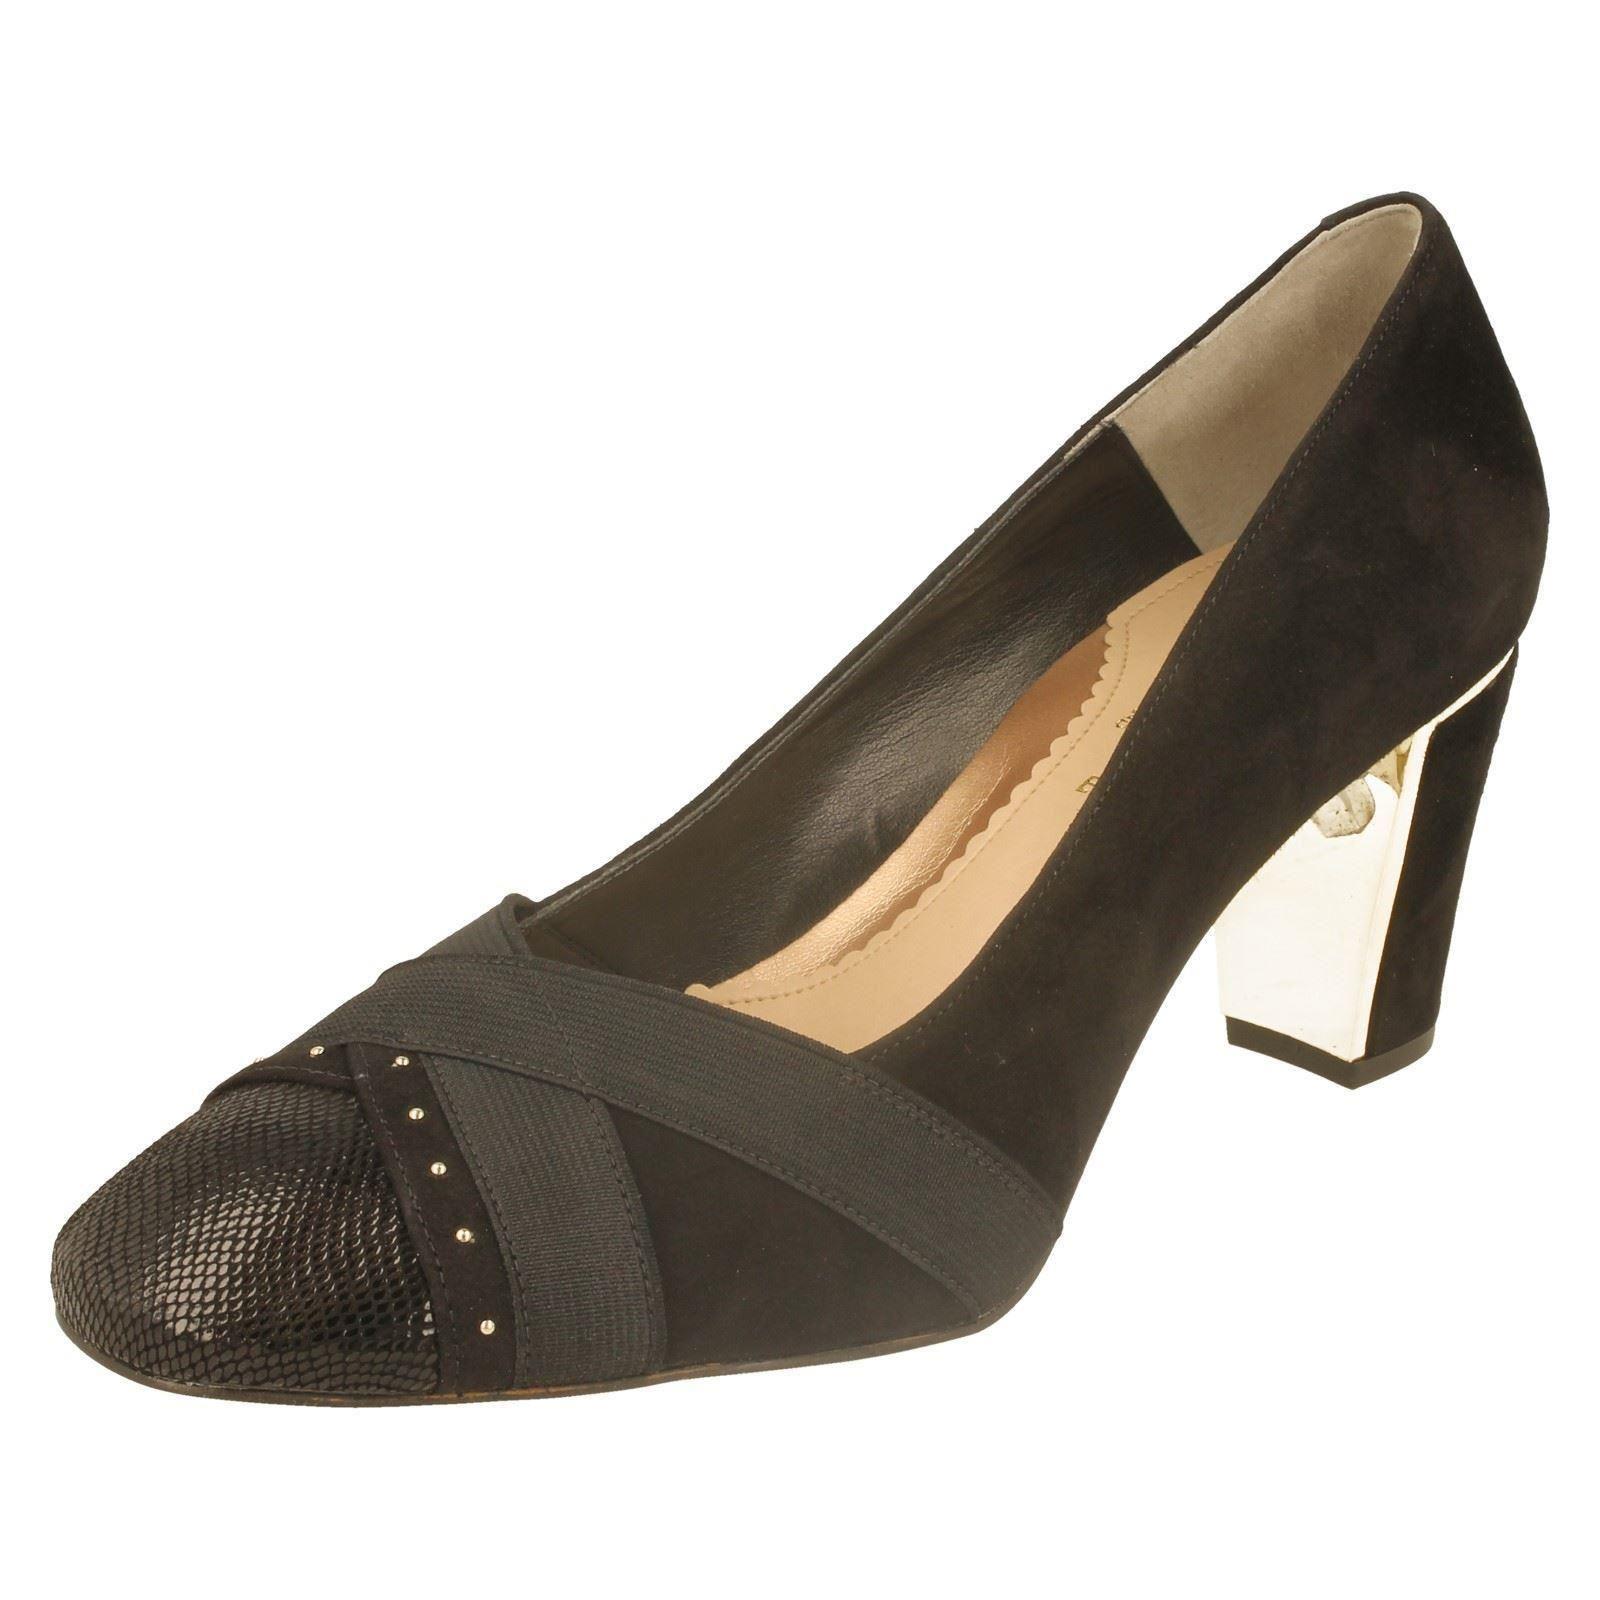 Label w Prt Ash Van Dal Court reptile Ladies black Black Suede Shoes IYqvU